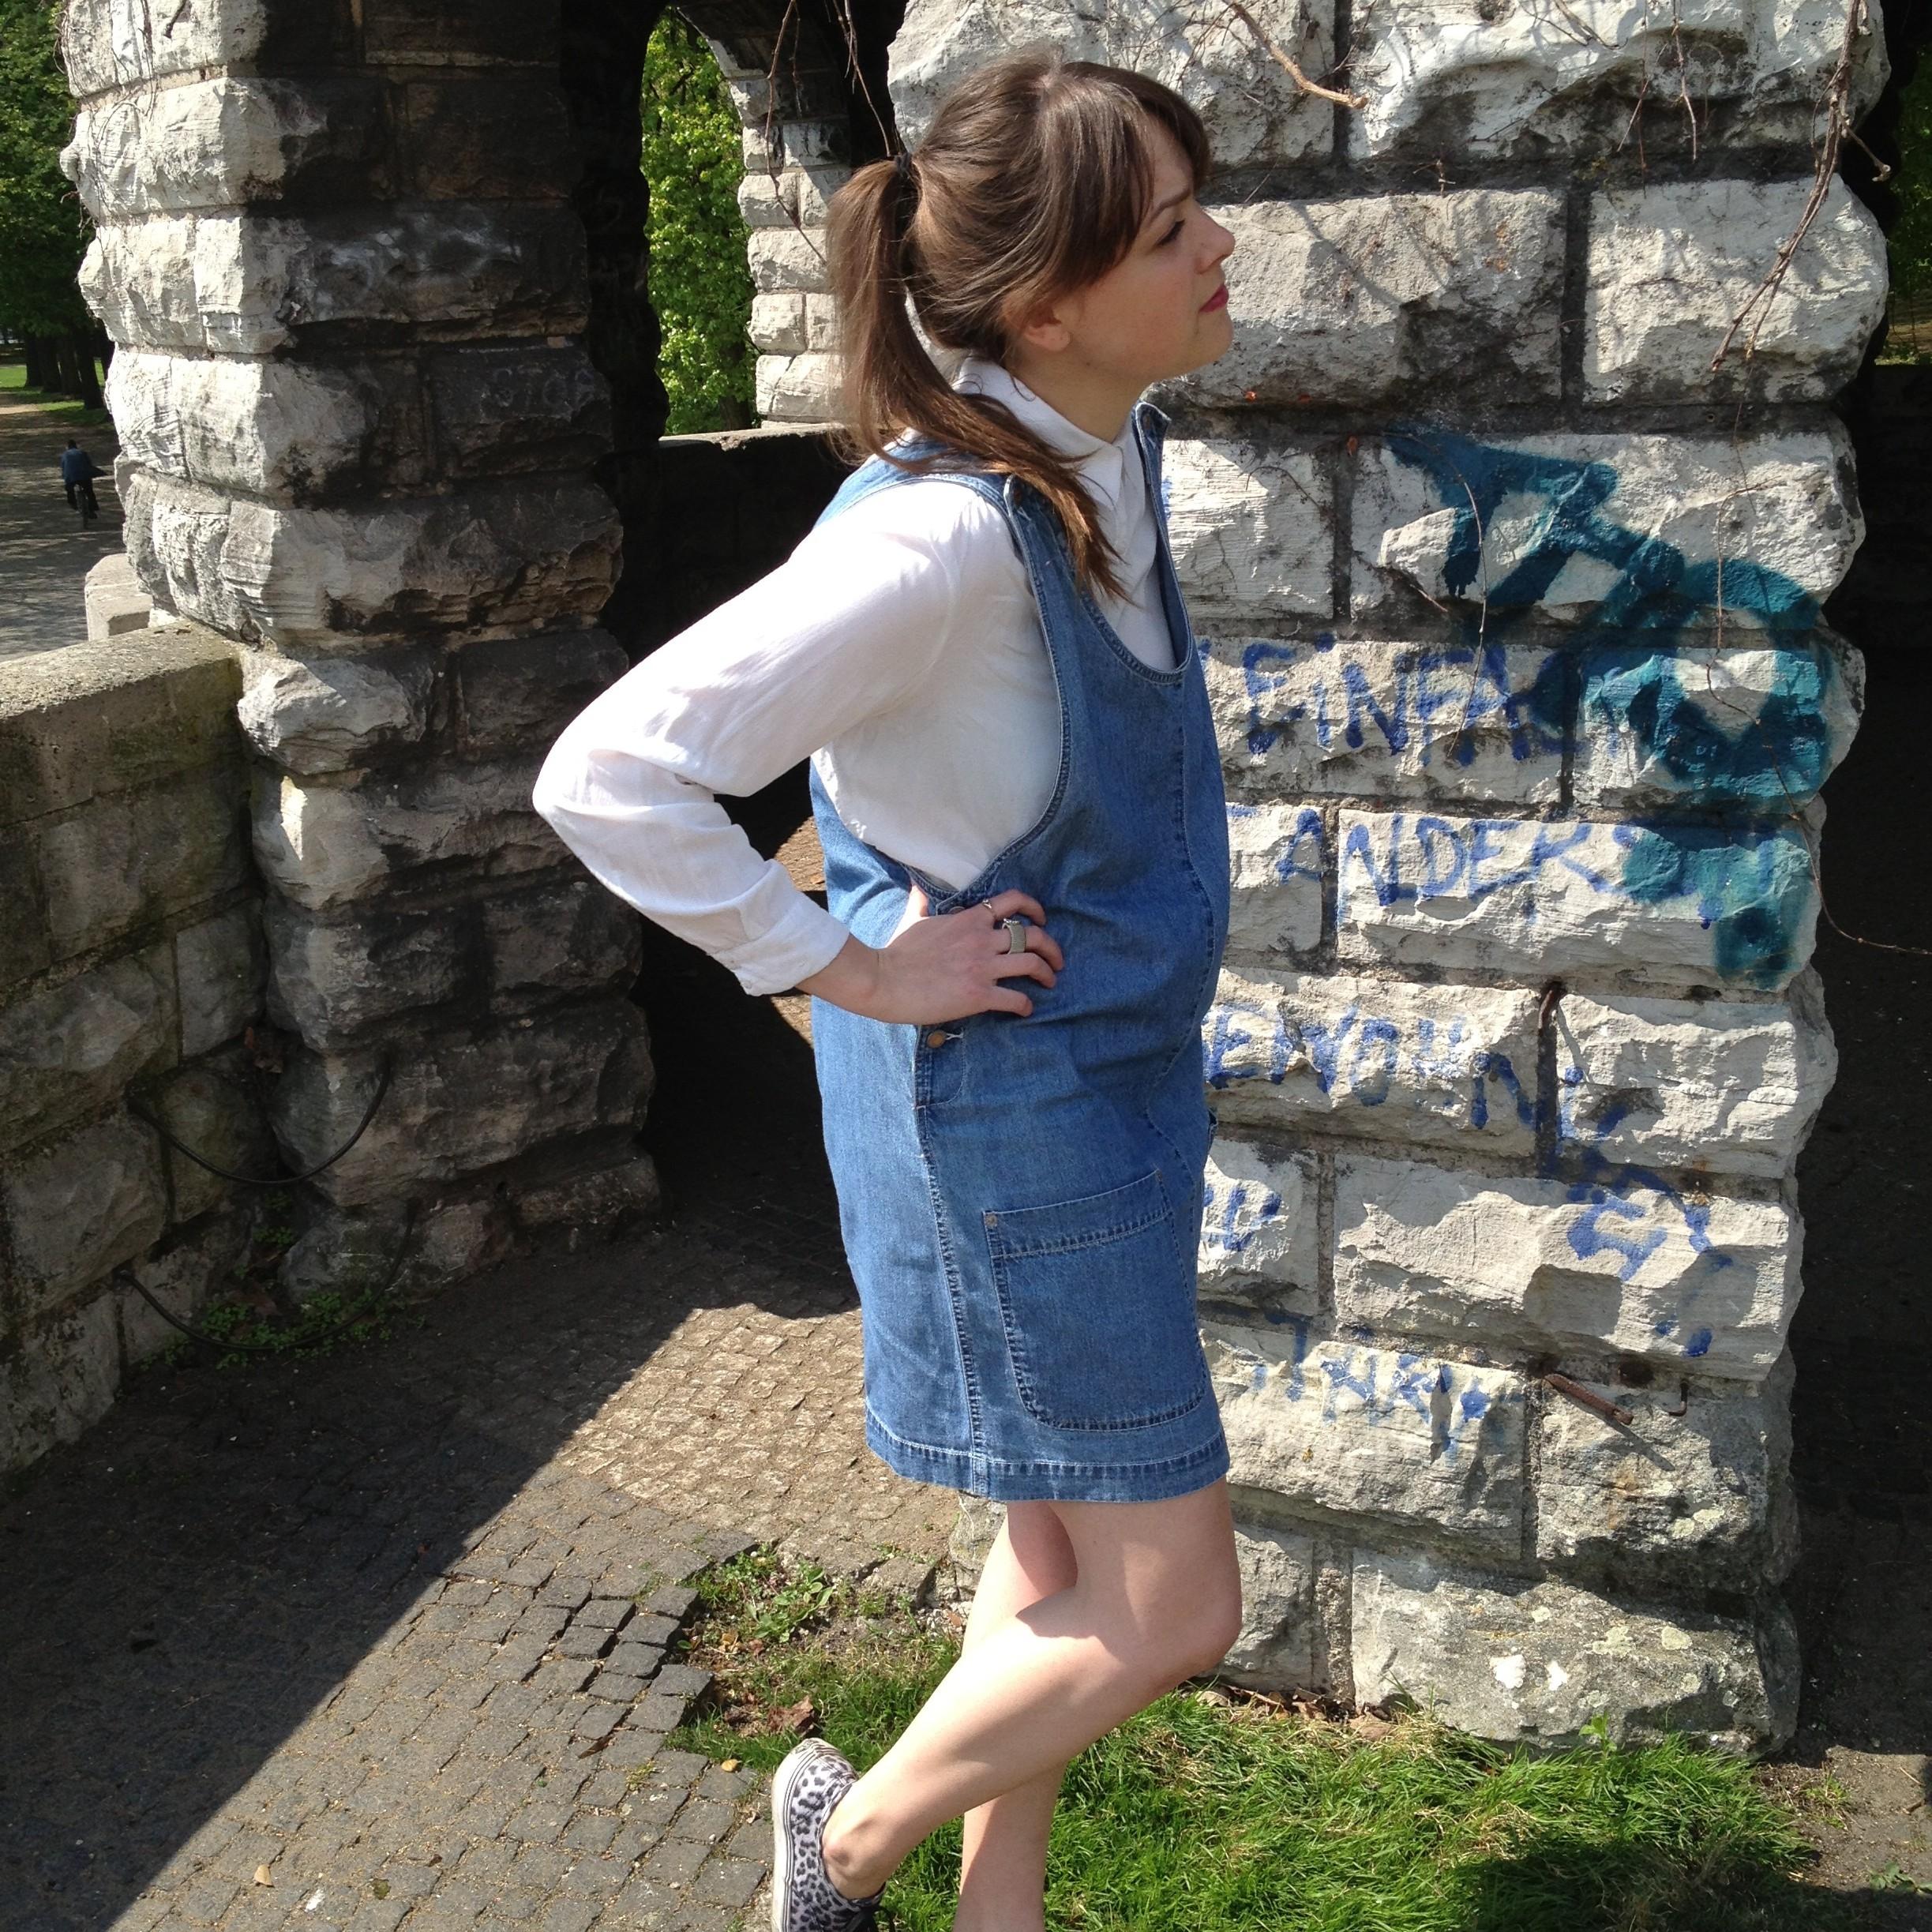 Latzkleid jeans outfit